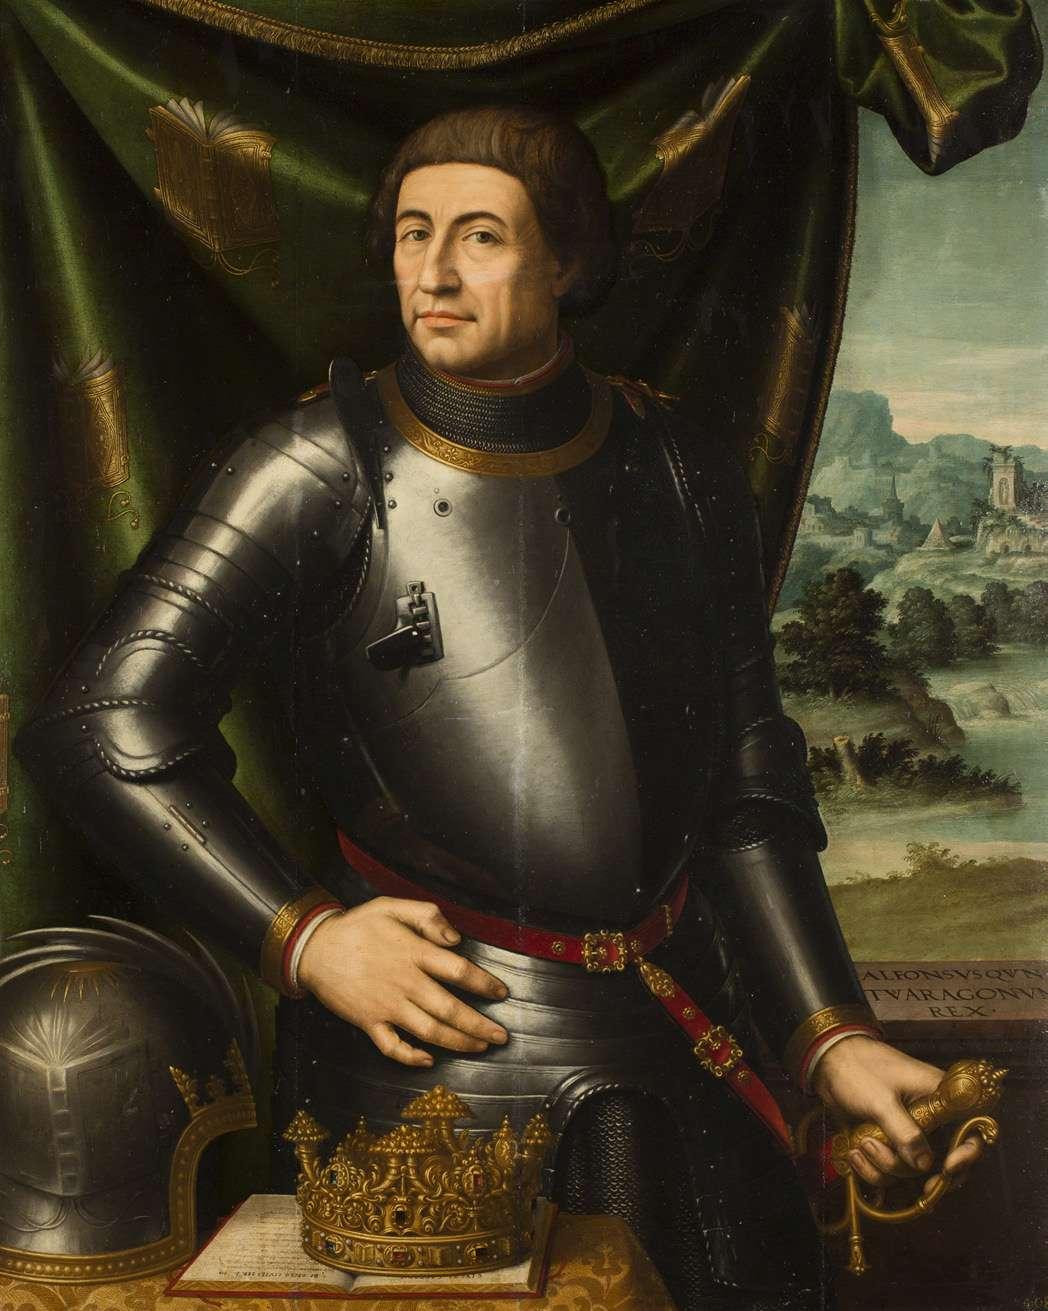 Αλφόνσο Ε΄ της Αραγονίας.